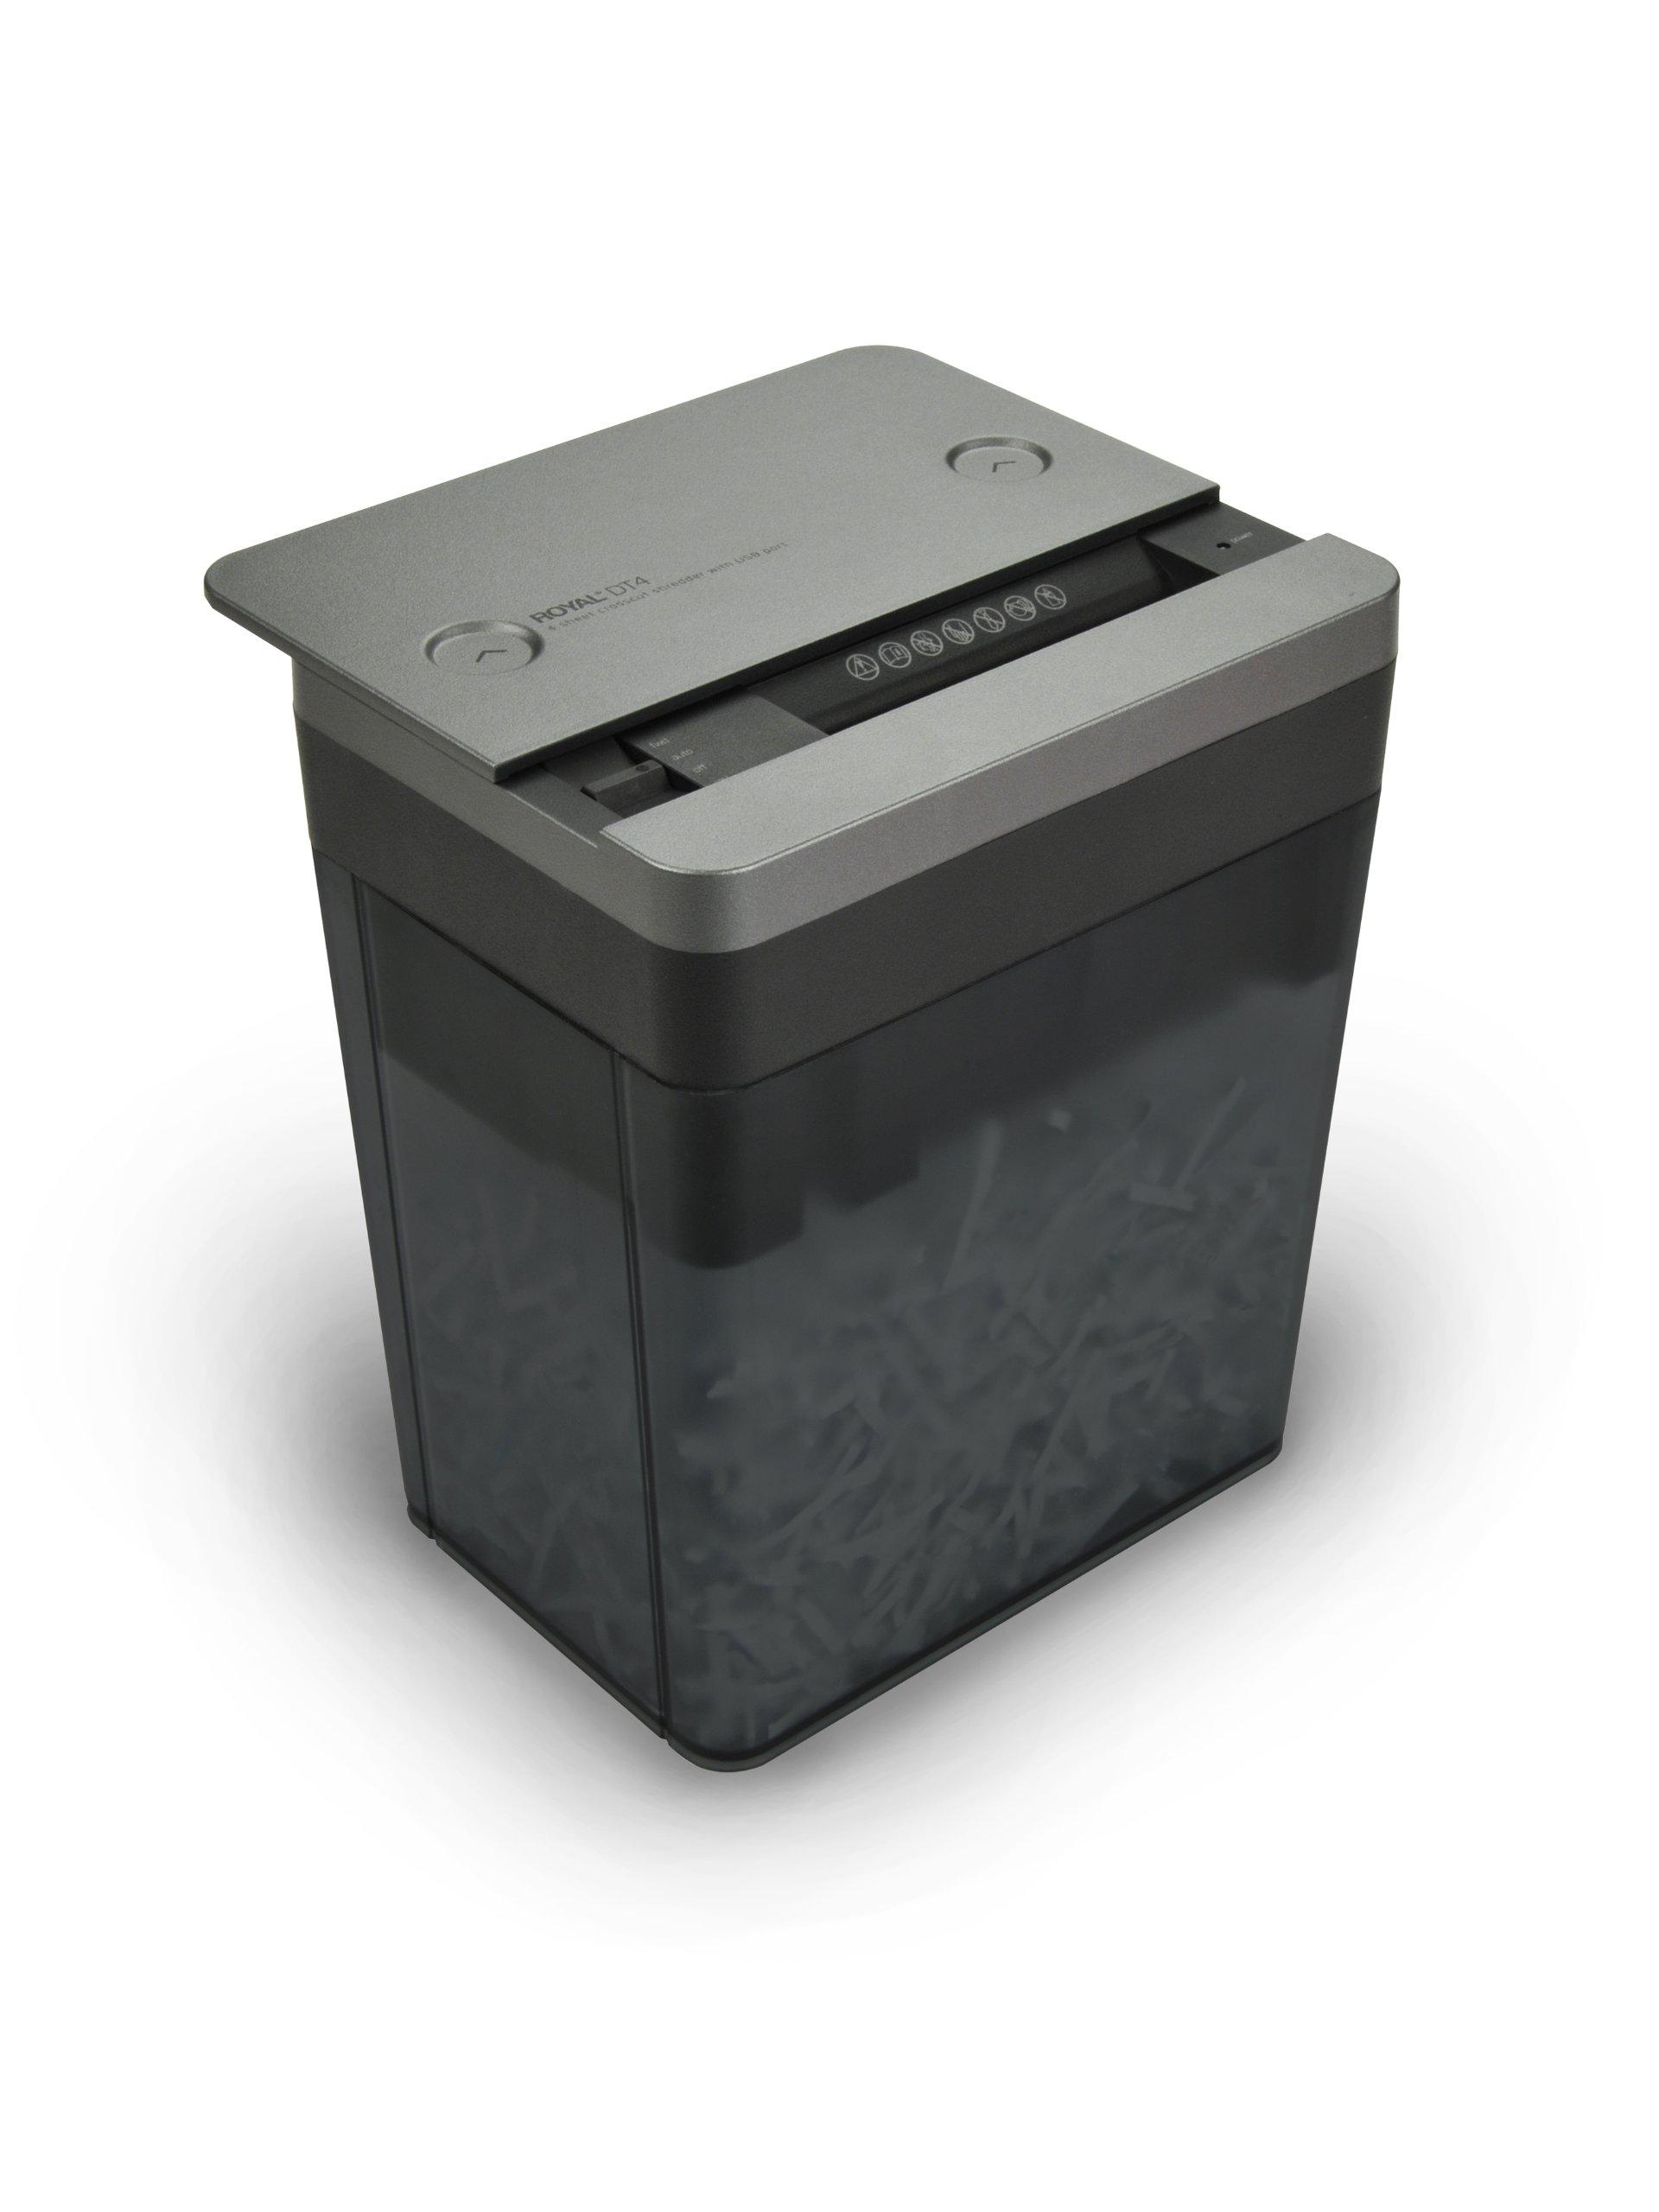 Royal DT4 Desktop Shredder